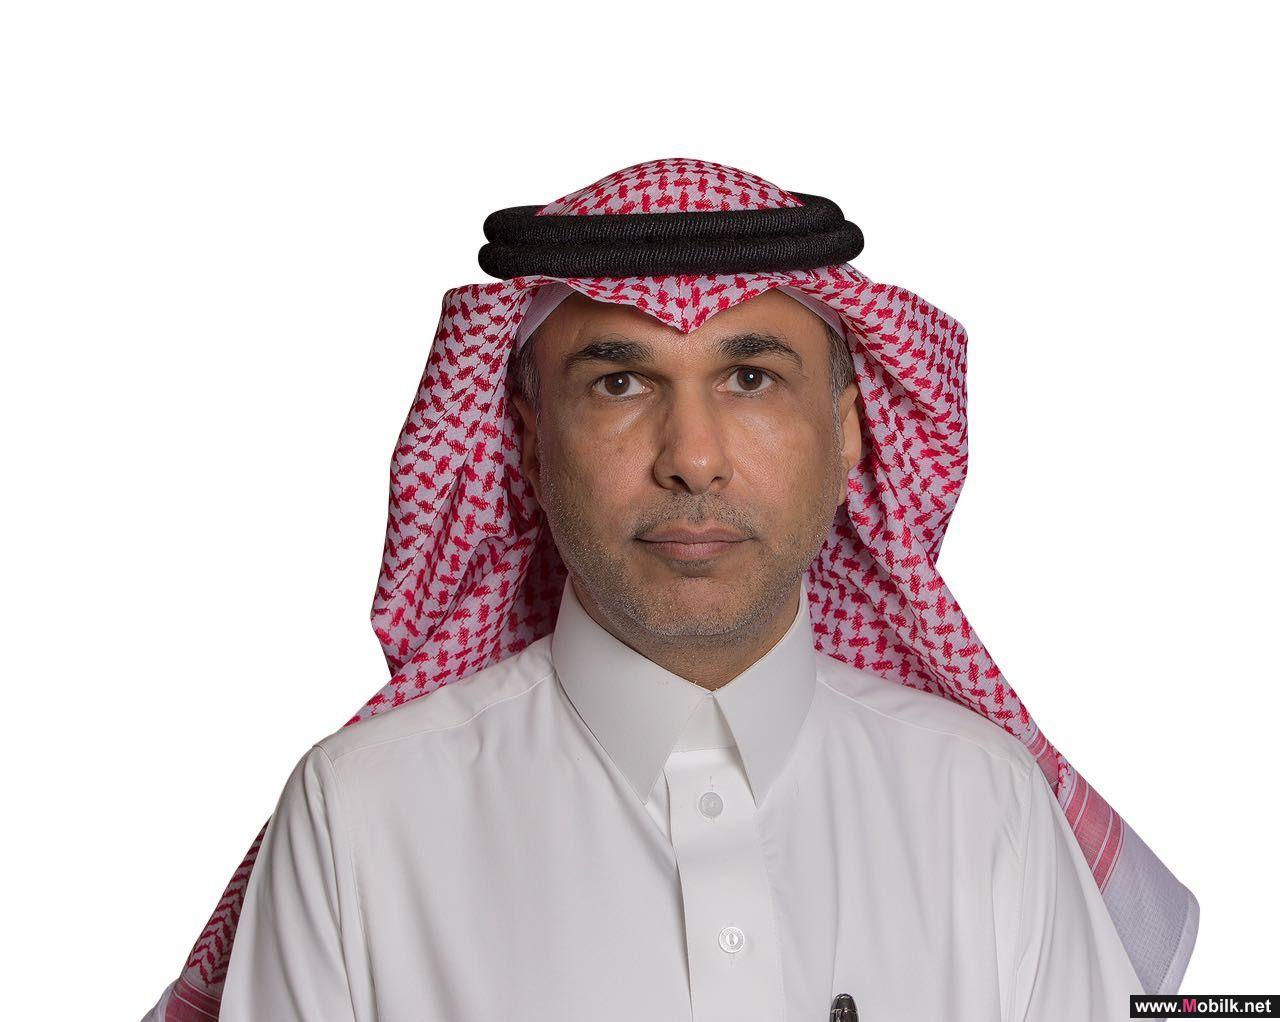 الاتصالات السعودية: 1 جيجا بايت مجاني لكل حاج مستمتع بخدماتها